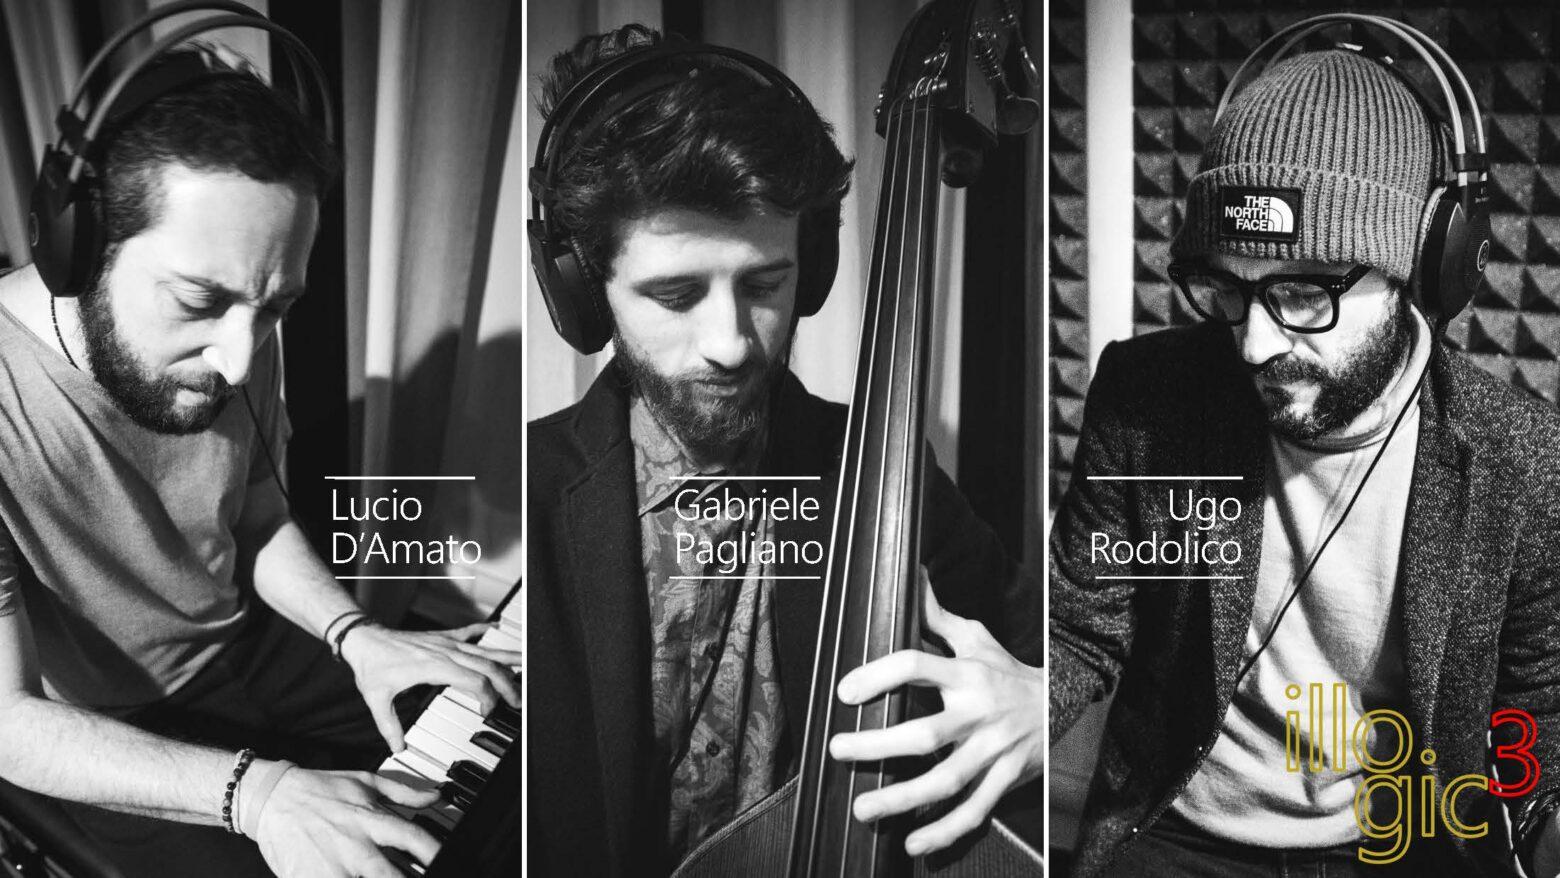 """Terza anticipazione per il prossimo album di Illogic Trio 12 MARZO 2021 – ESCE SULLE PIATTAFORME DIGITALI """"THE LAST CHROMOSOME"""" IL NUOVO SINGOLO DI ILLOGIC TRIO"""